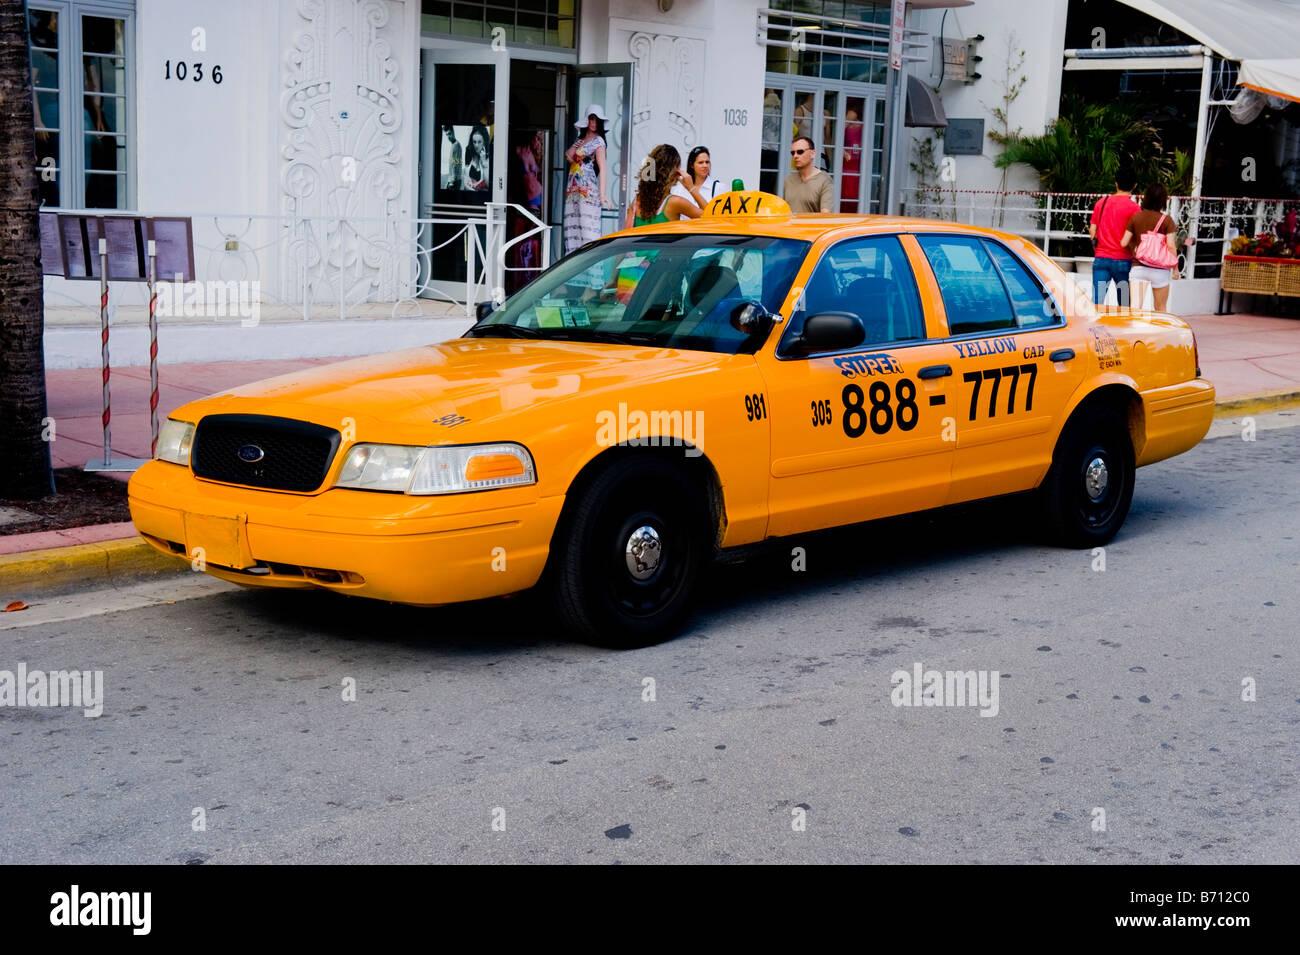 Miami South Beach Ocean Drive Detail Super Yellow Taxi Cab